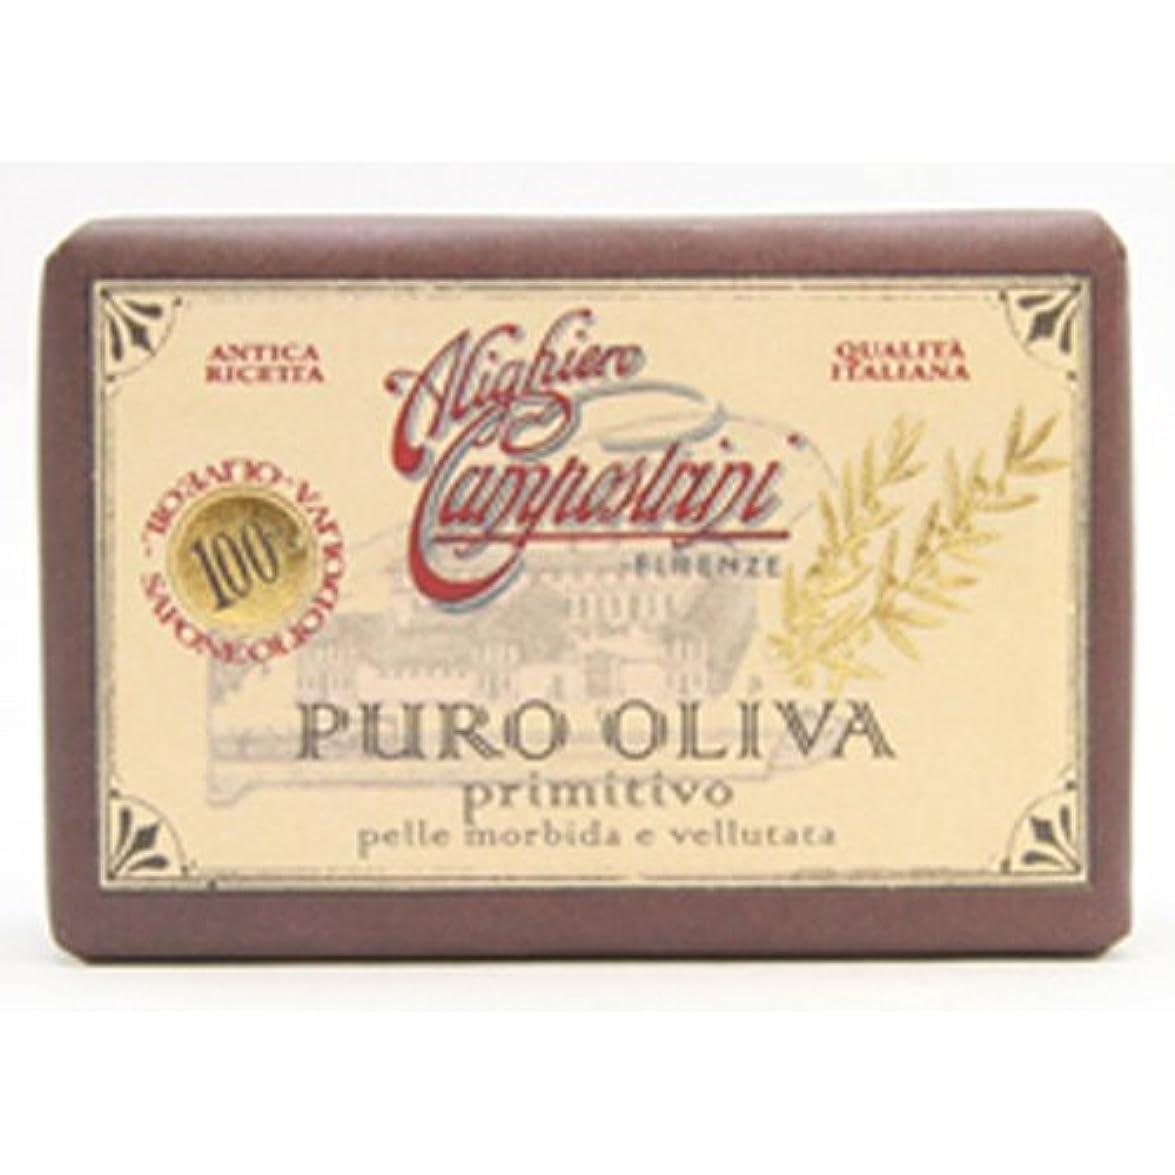 恋人病気のトークンSaponerire Fissi サポネリーフィッシー PURO OLIVA Soap オリーブオイル ピュロ ソープ primitivo オリジナル 150g